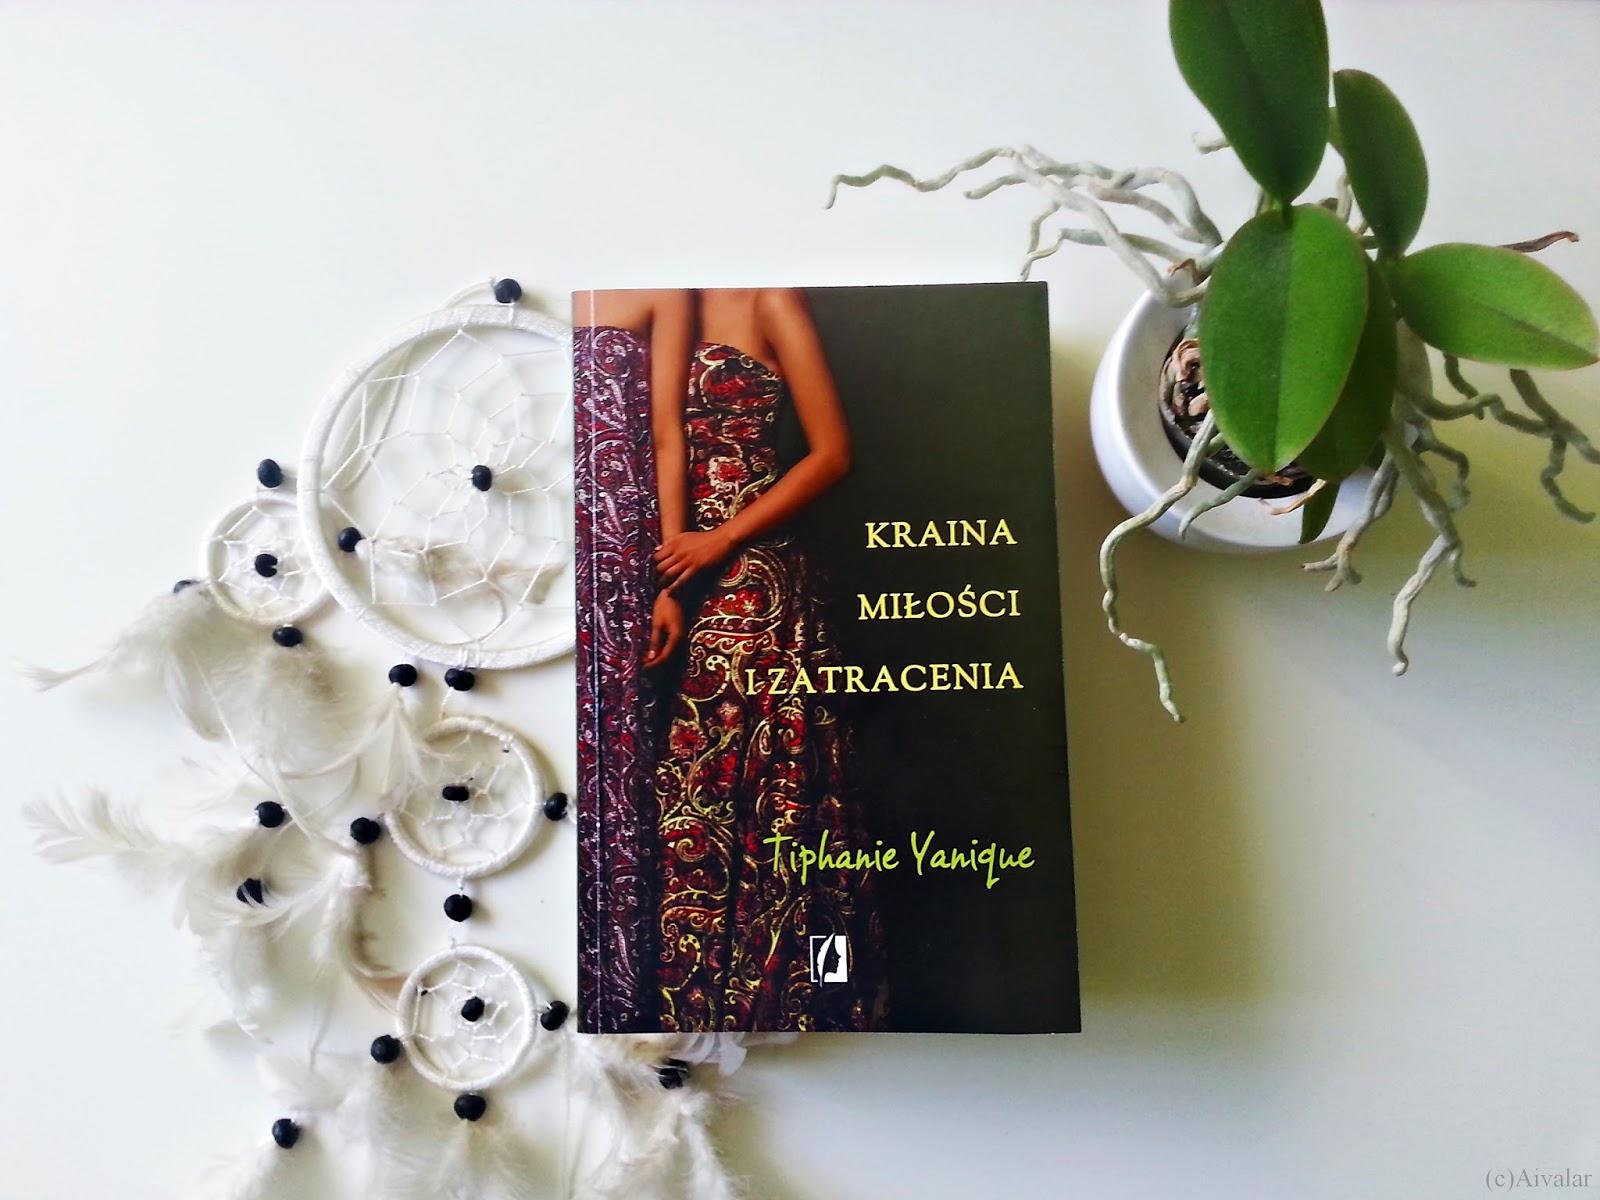 Kraina miłości i zatracenia, Tiphanie Yanique, Wydawnictwo Kobiece, książka, recenzja